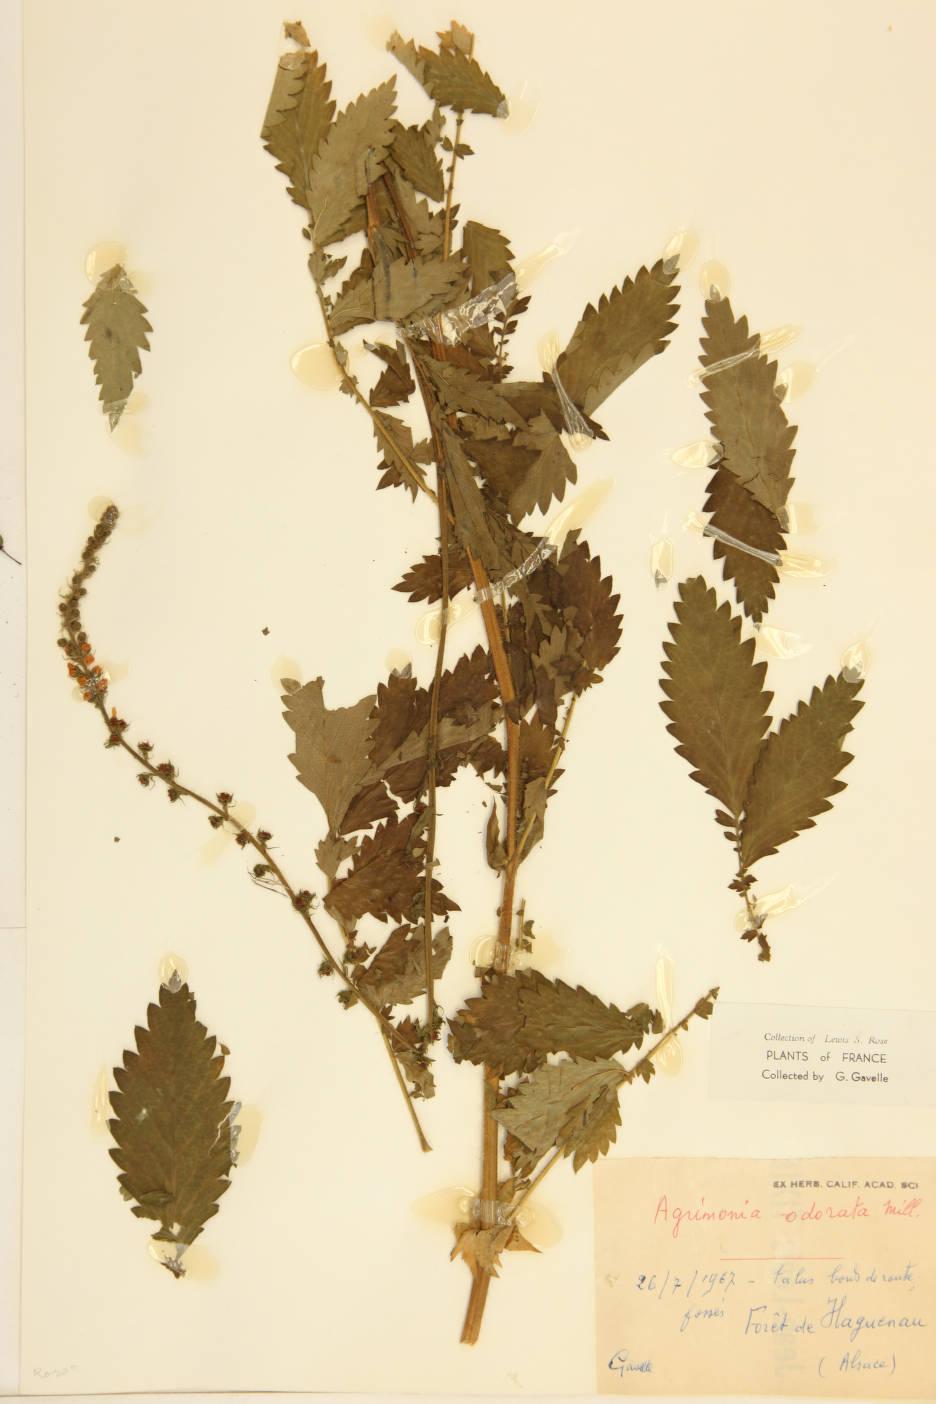 Agrimonia odorata image